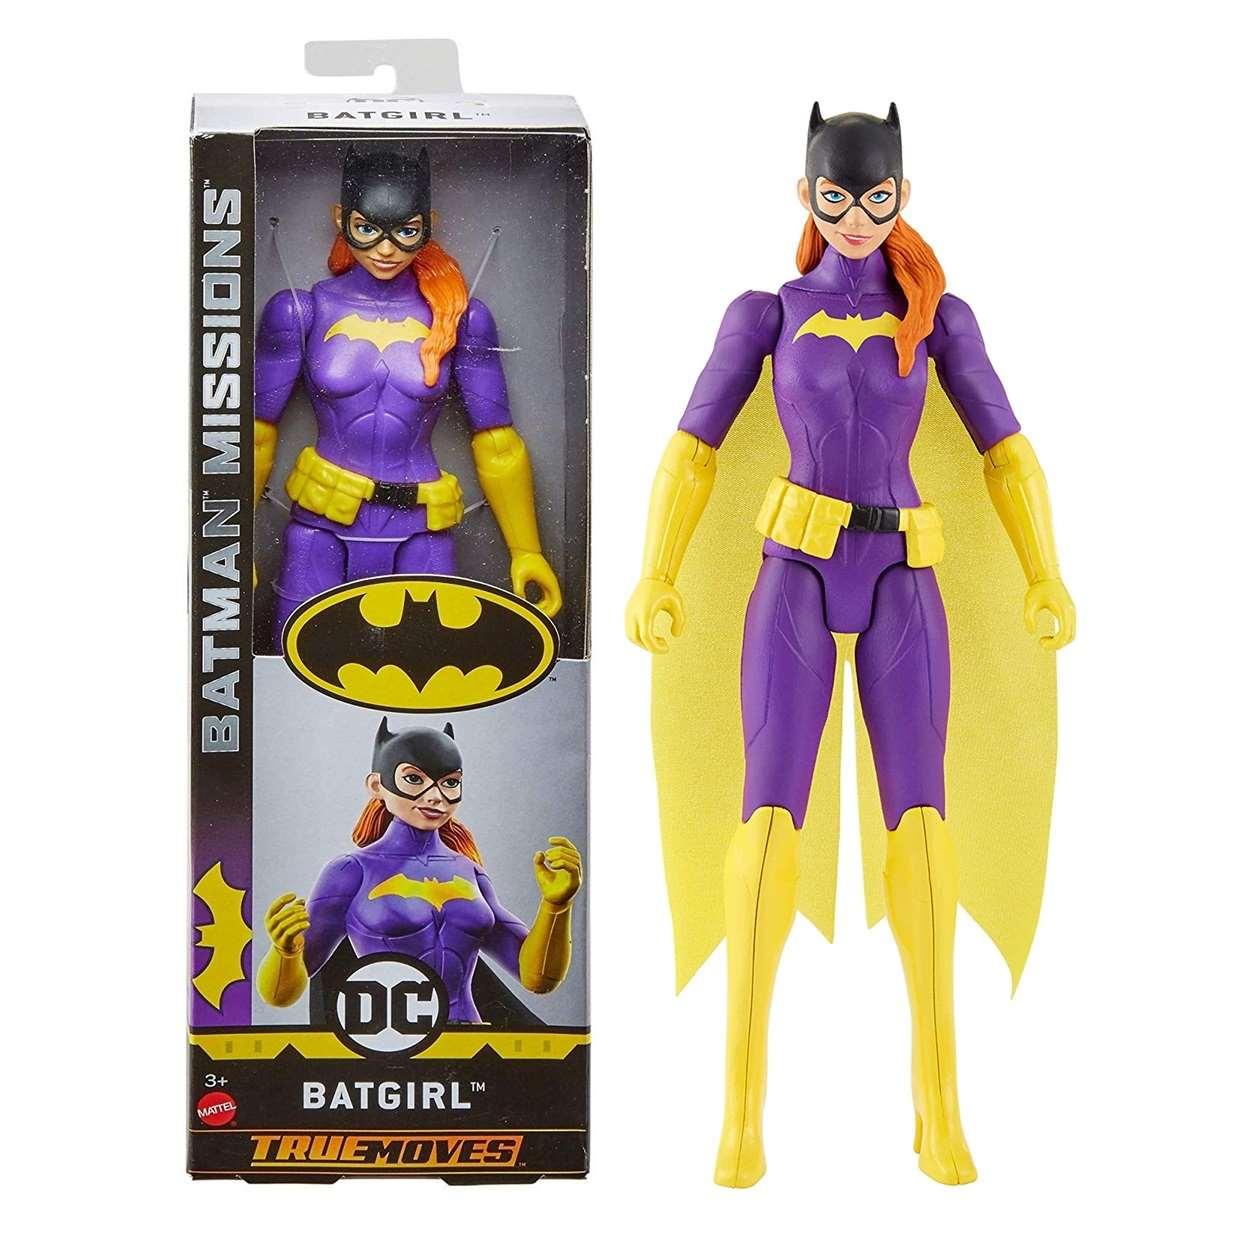 Batgirl Figura Batman Missions Dc Comics True Moves 12 Pulg